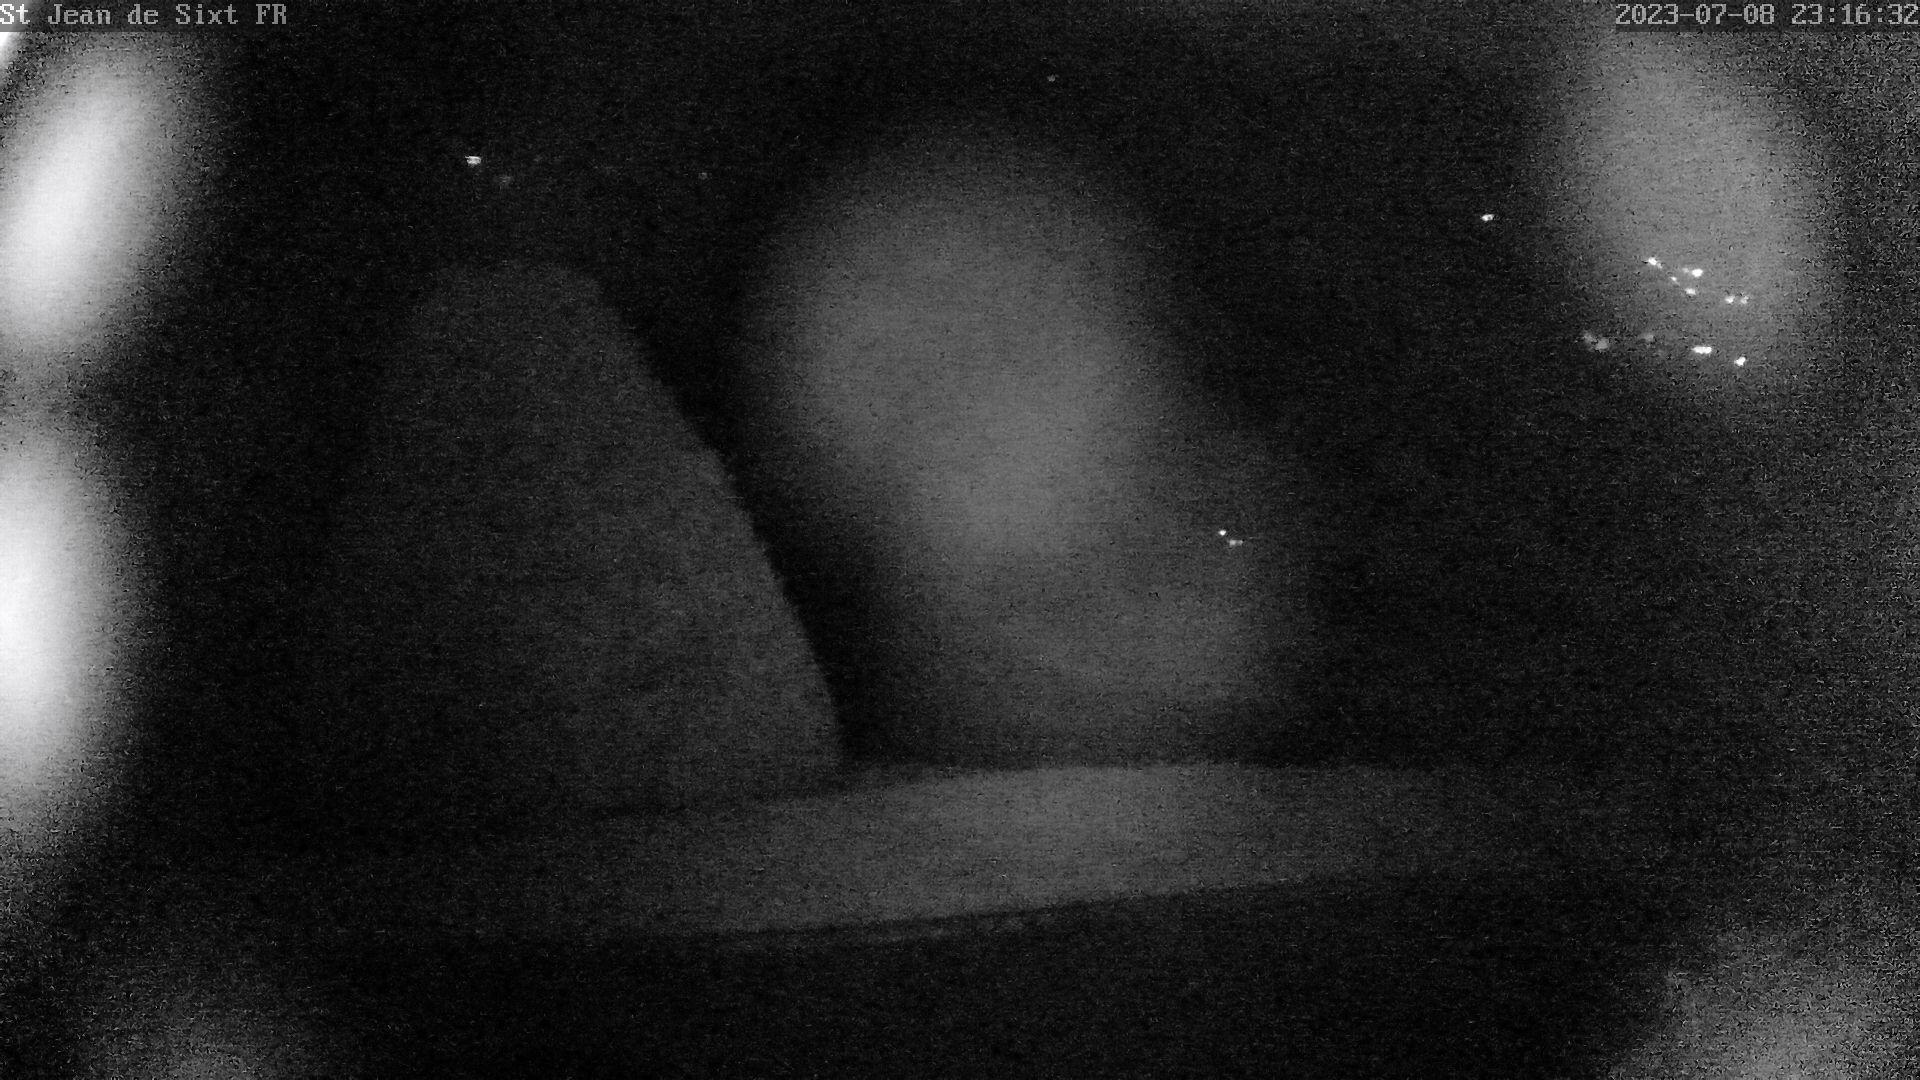 Webcam Saint-Jean-de-Sixt: Mont Durand